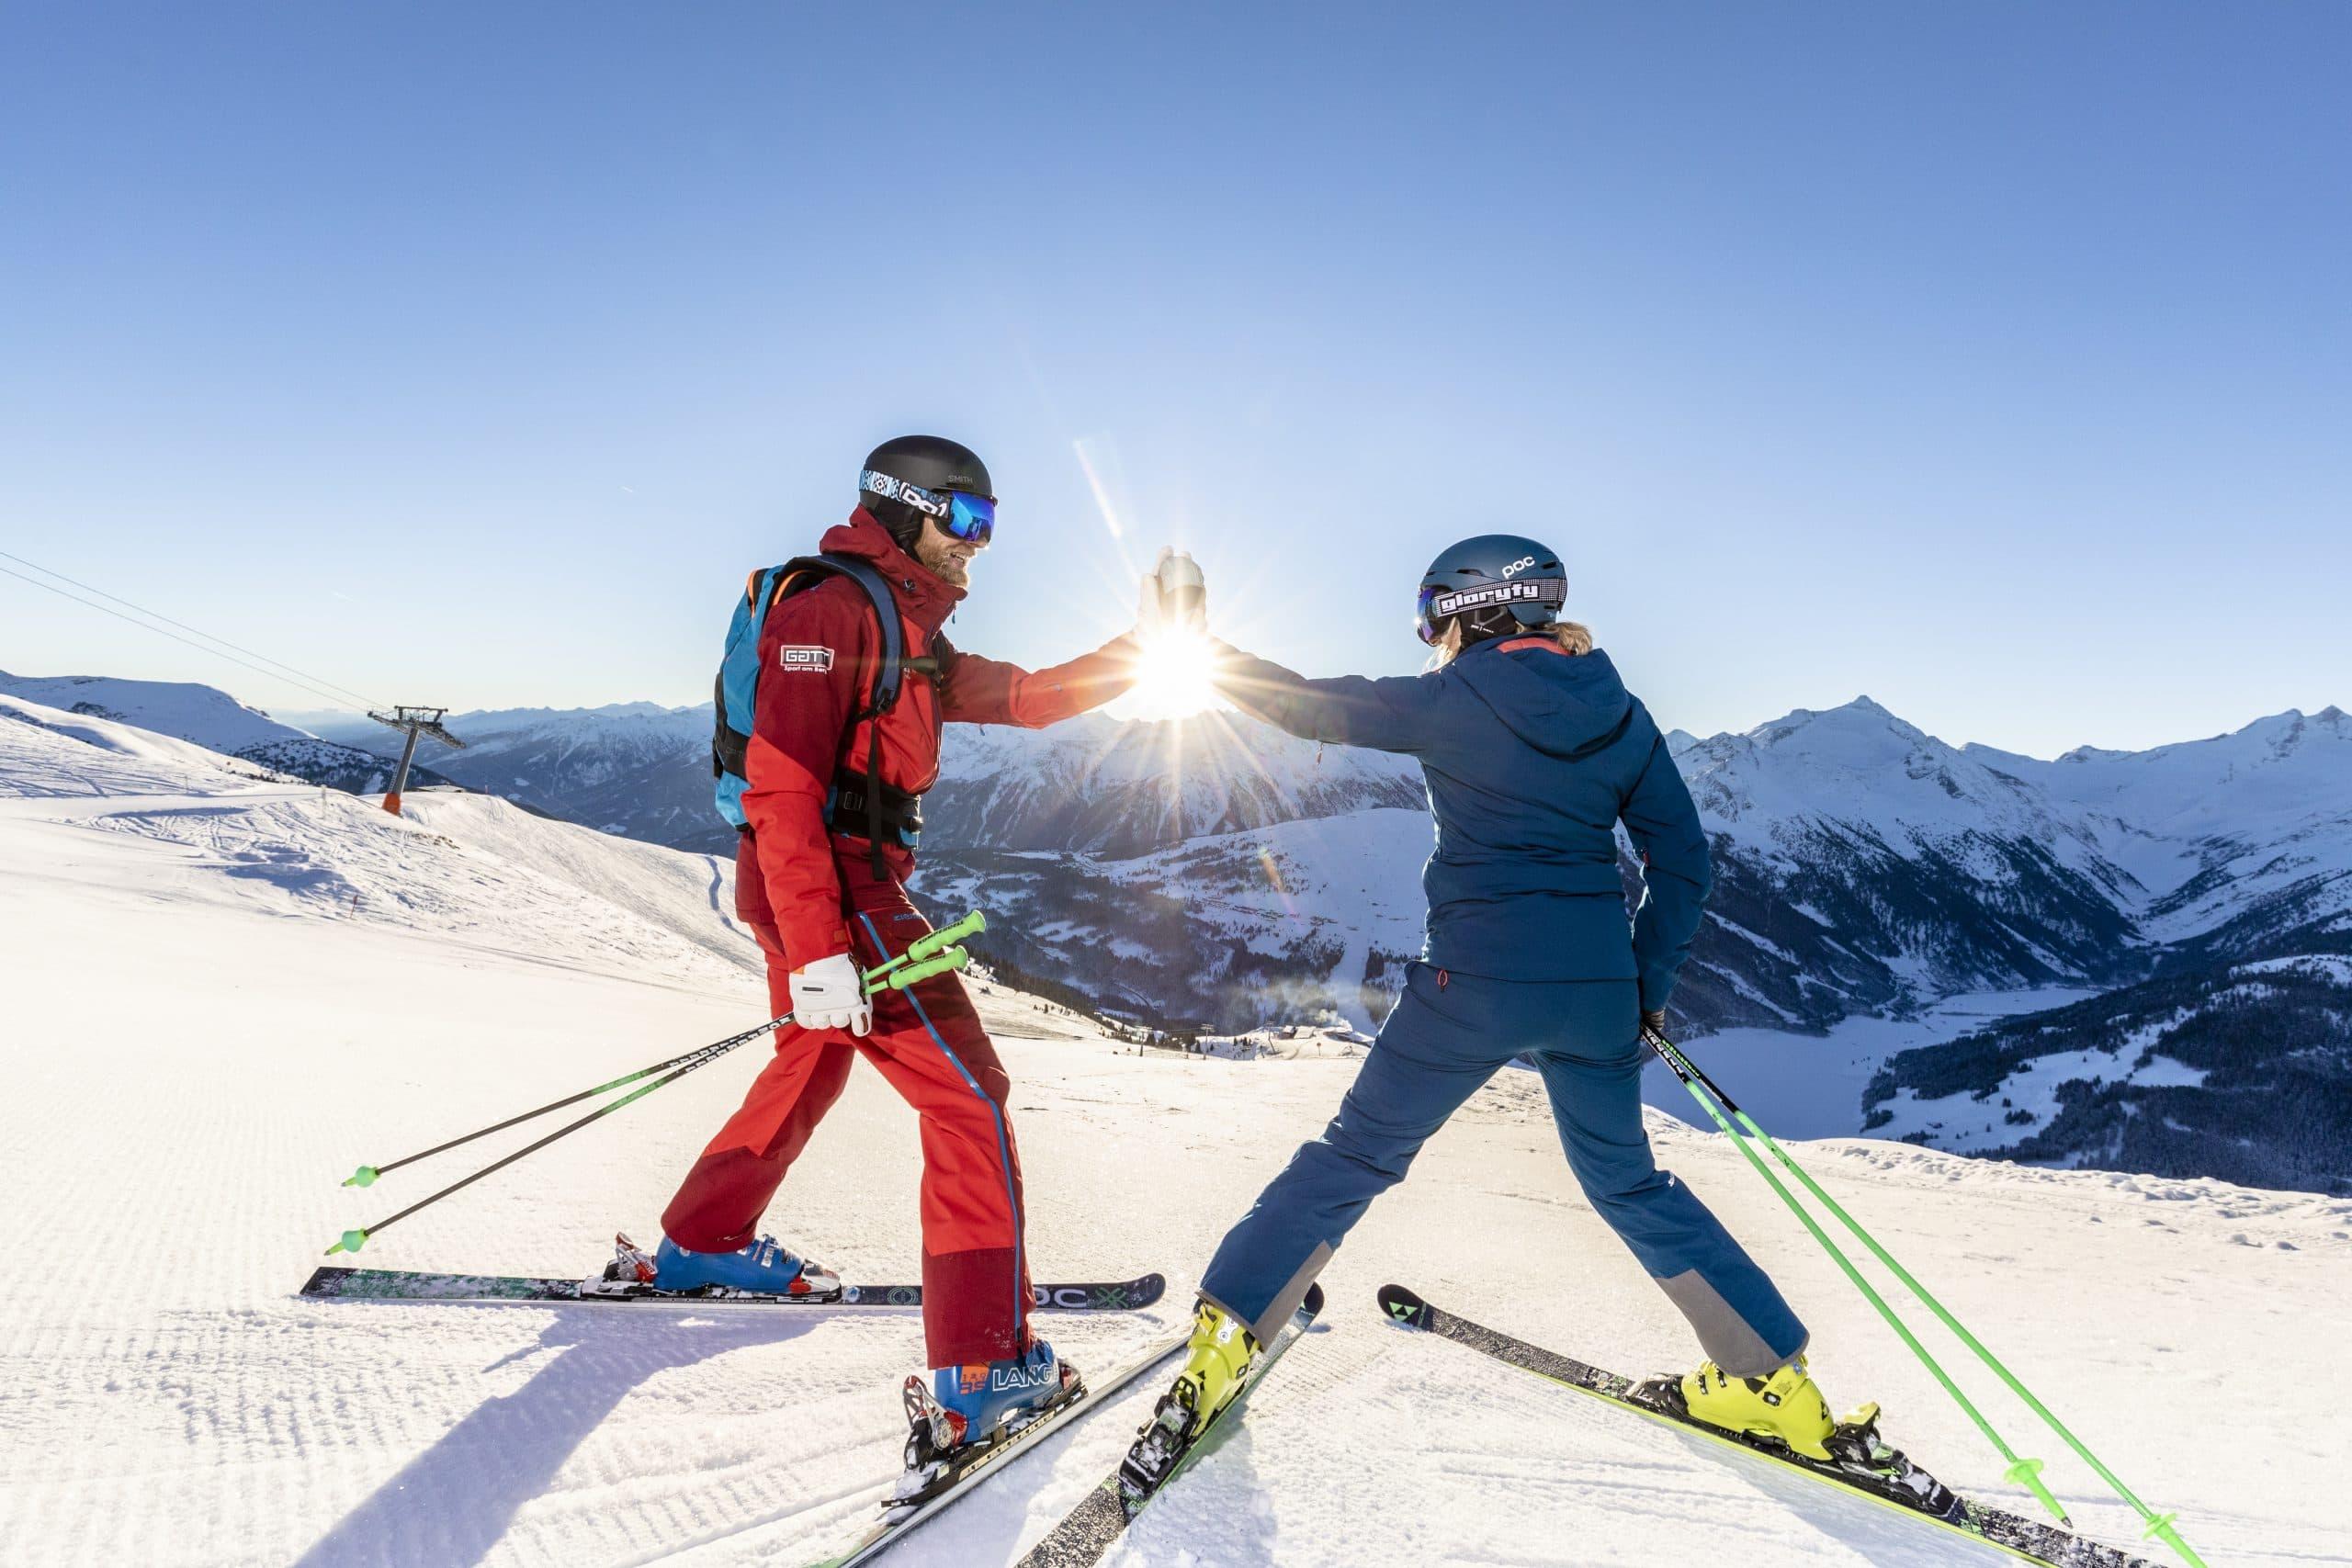 zillertal arena sonnenaufgang skifahren 2019 hr 16 scaled